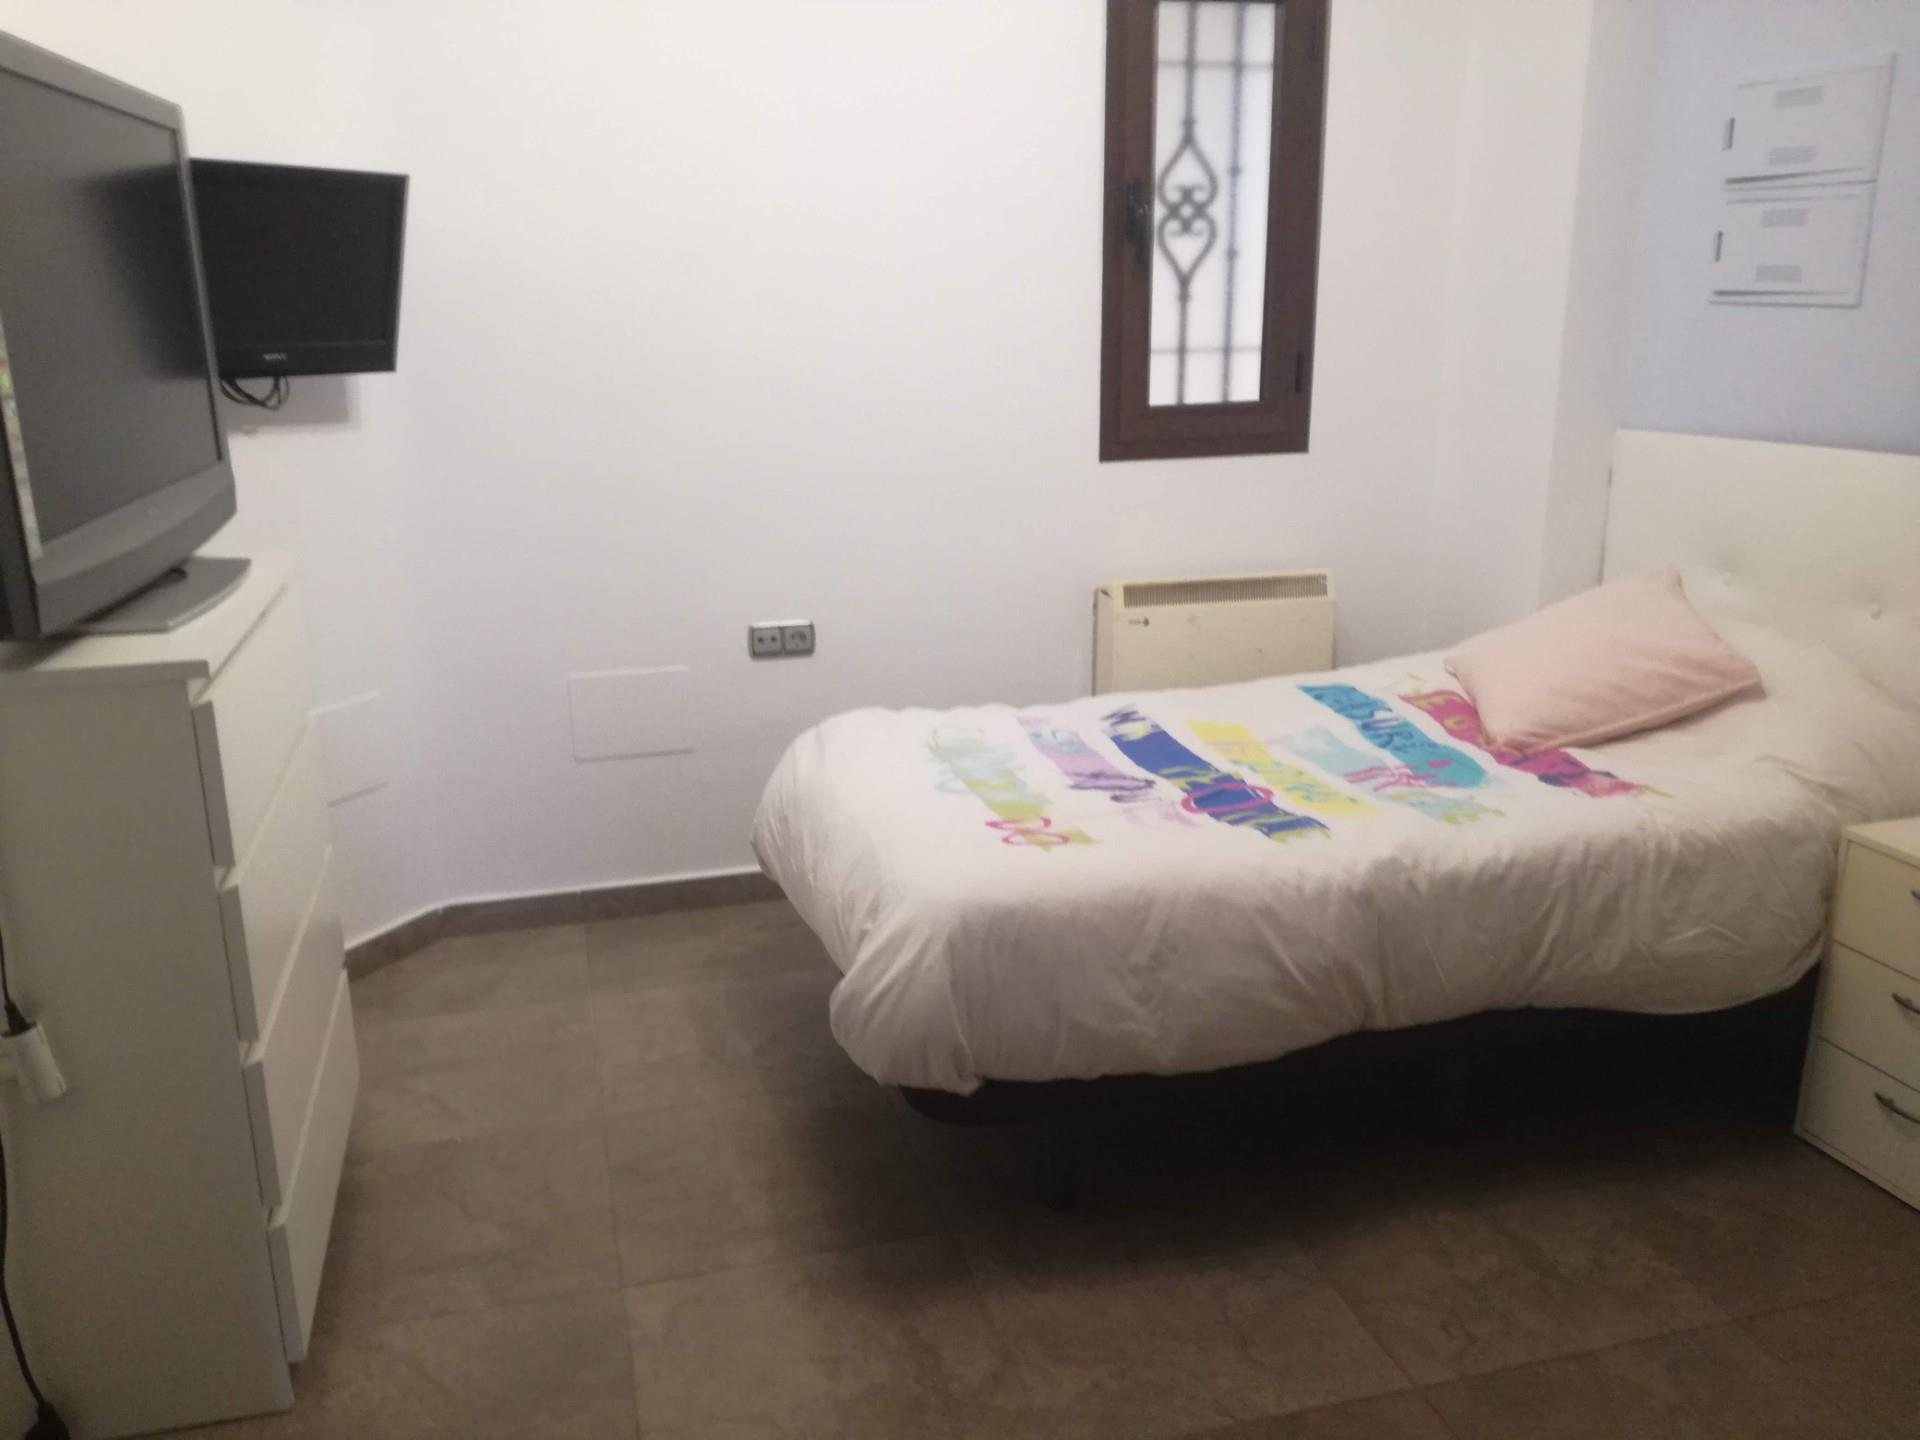 Piso de alquiler en Calle Calvo Asensio, 10 Ronda (Ronda, Málaga)